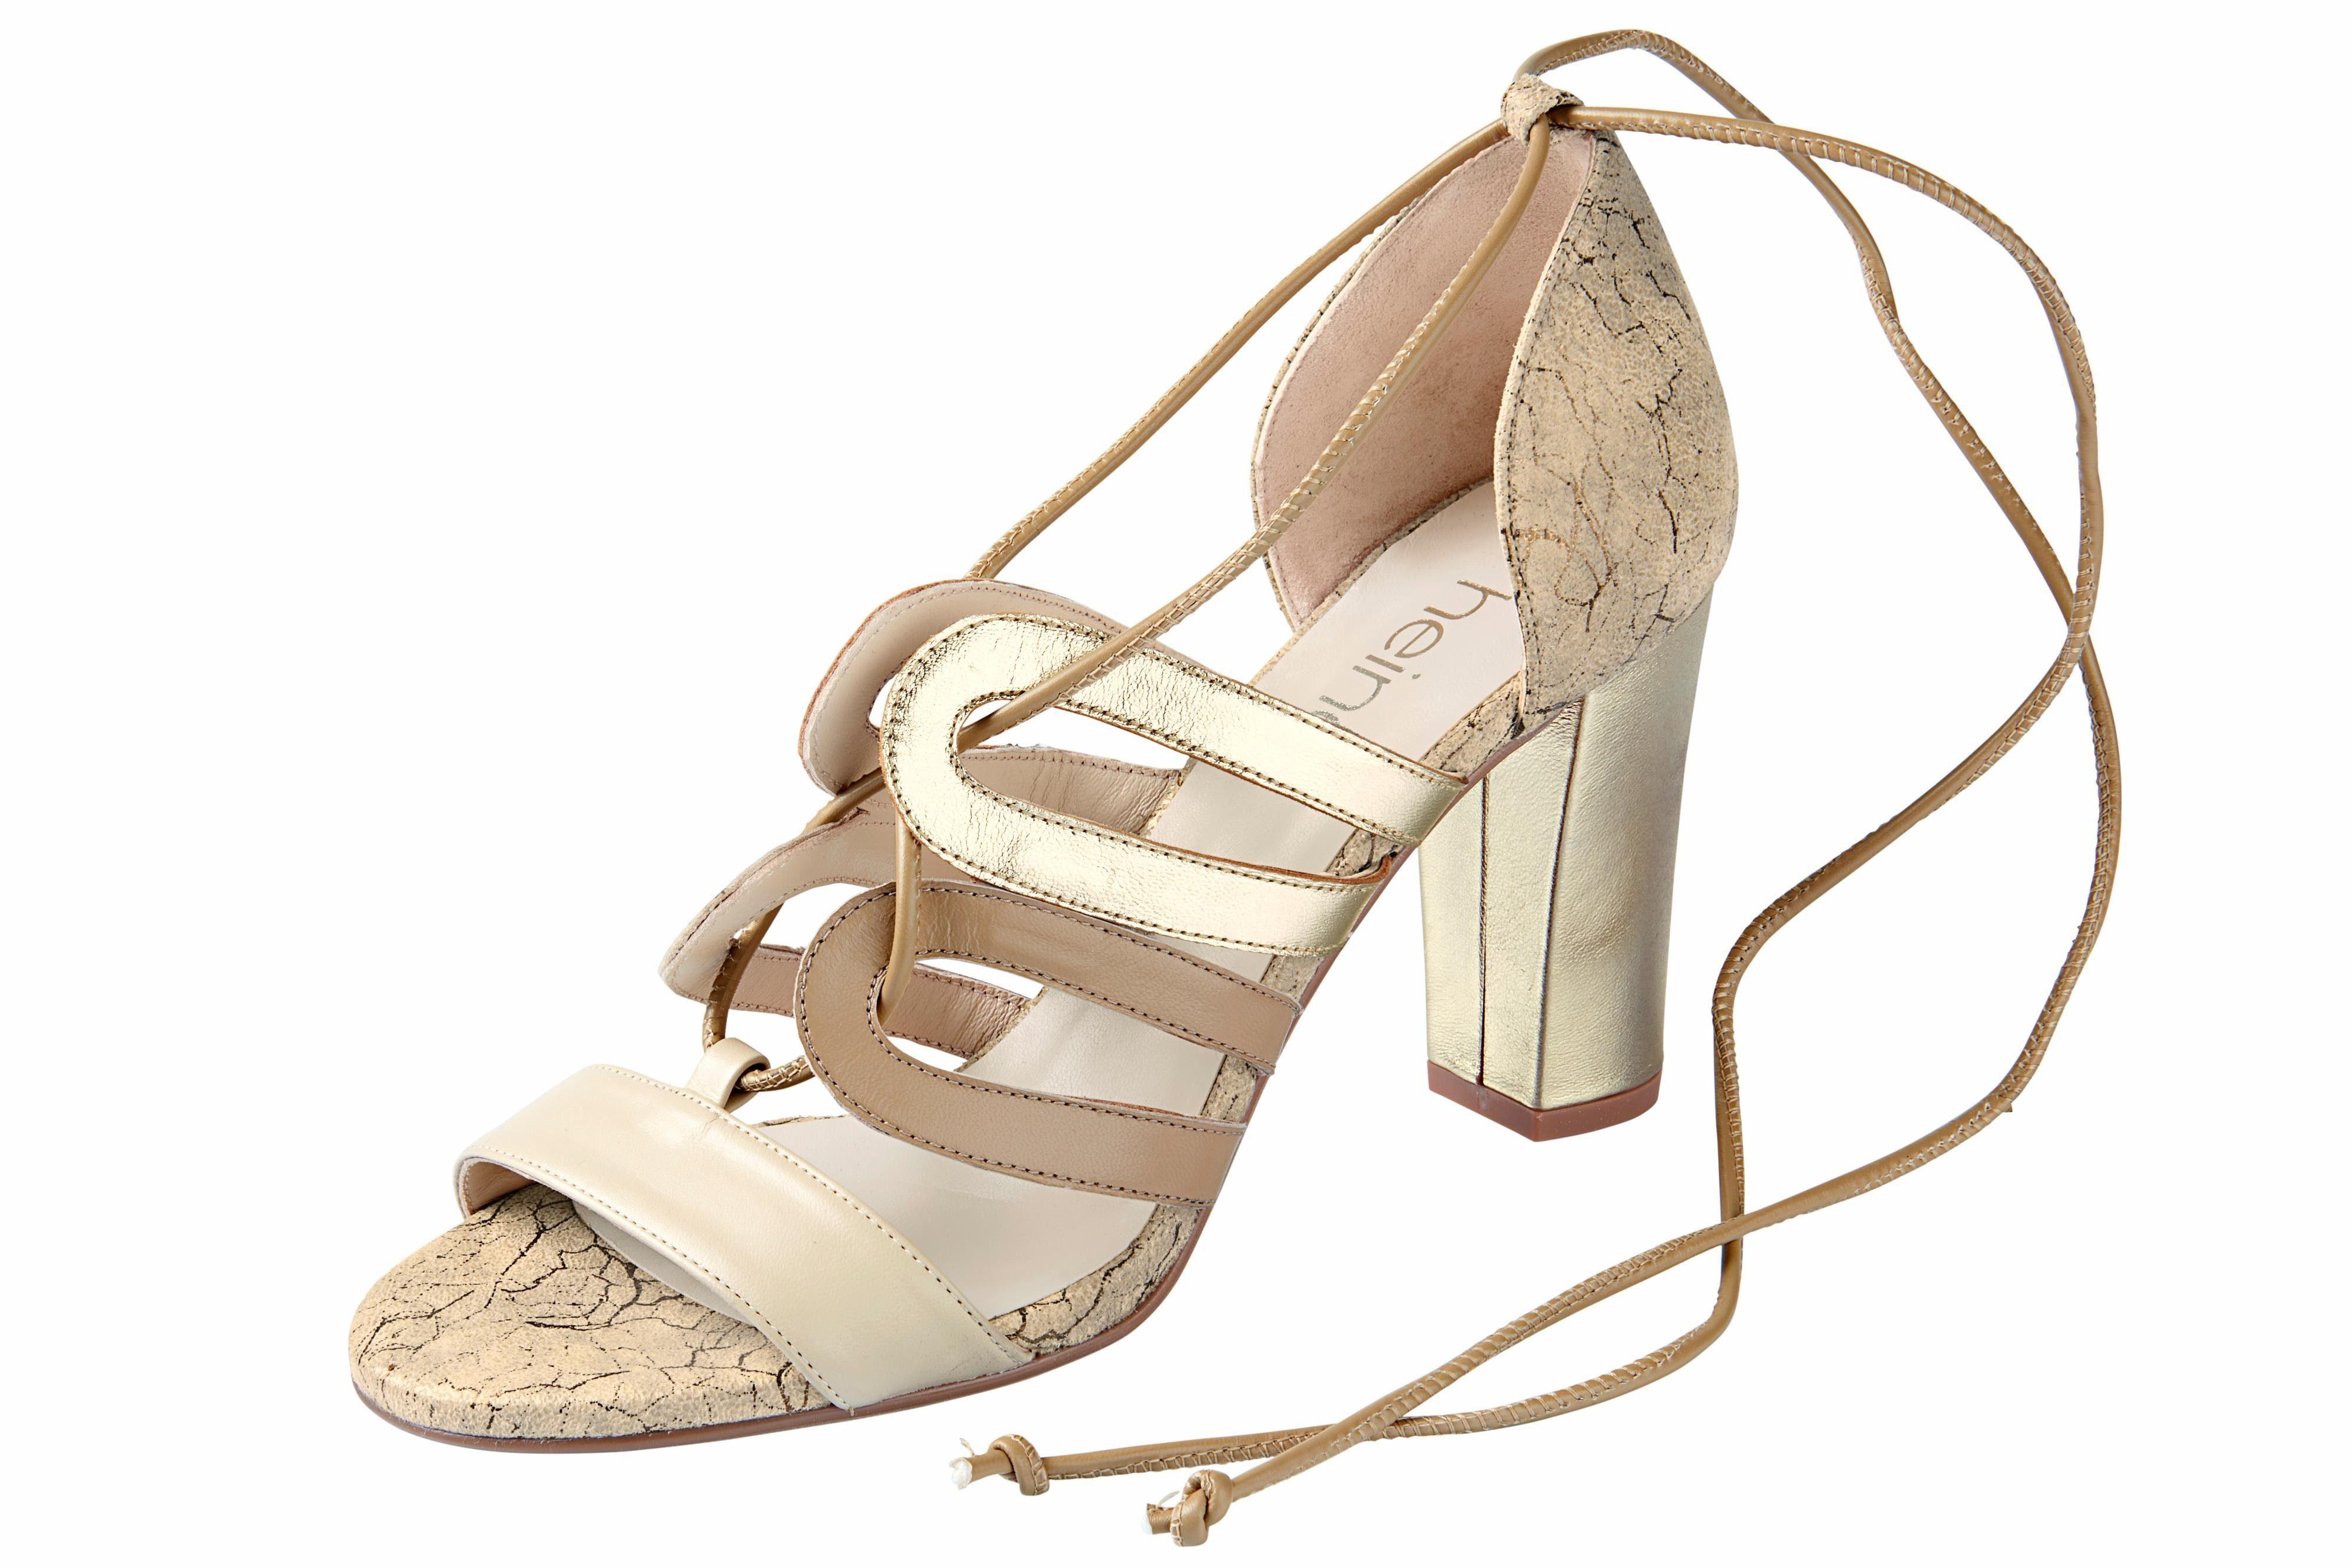 Heine Sandalette mit trendiger Schnürung kaufen  taupe#ft5_slash#goldfarben